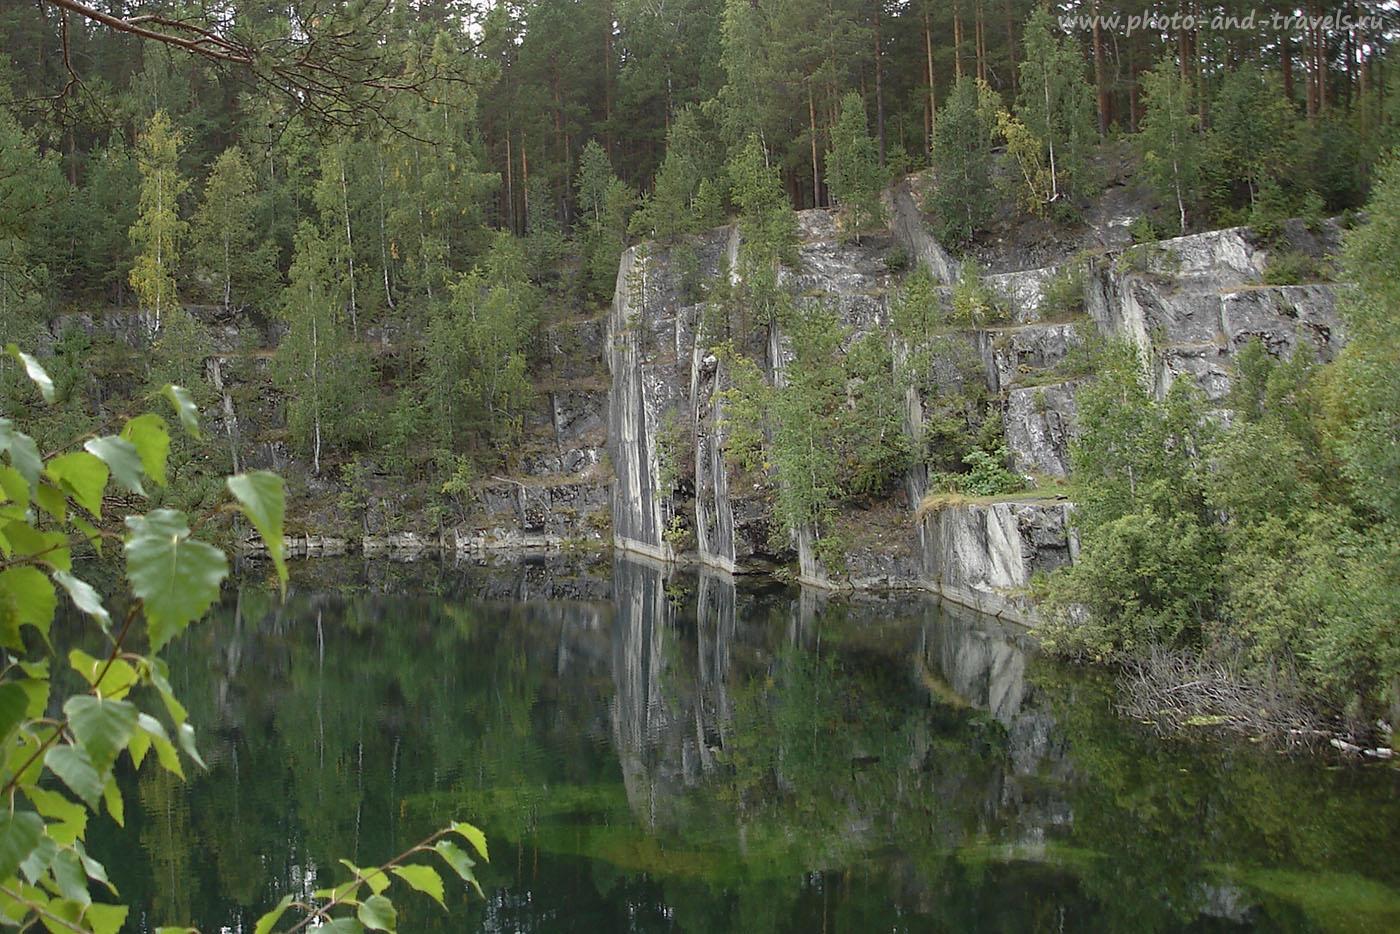 Снимок 4. Бажовский парк. Карьер Тальков камень. Под водой скрывается много интересного